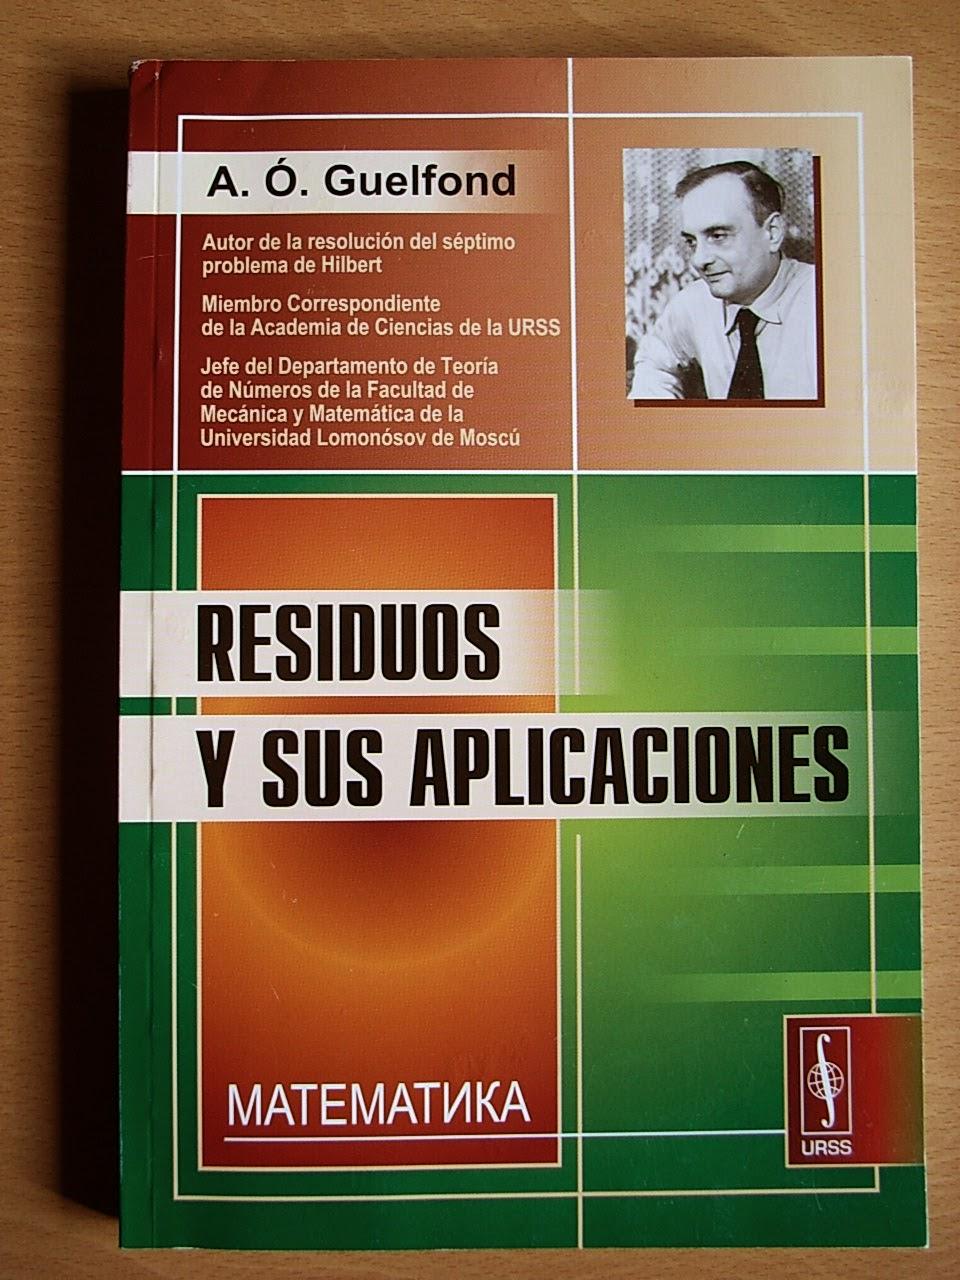 jarban02_pic044: Residuos y sus aplicaciones A. Ó Guelfond / Aleksandr Gelfond